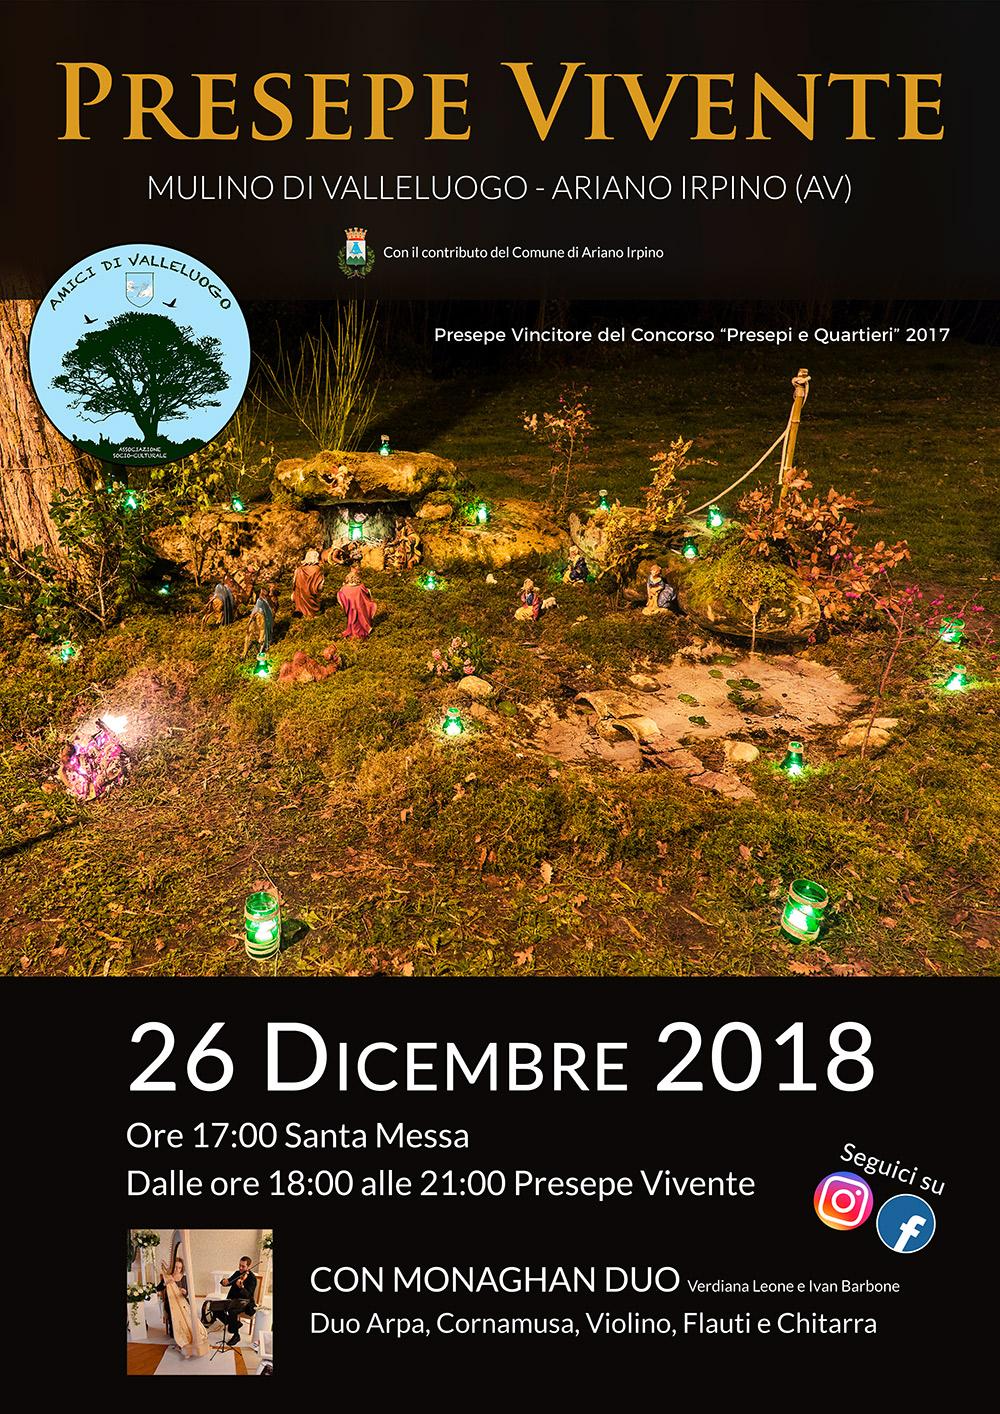 presepe vivente 2018 in Campania